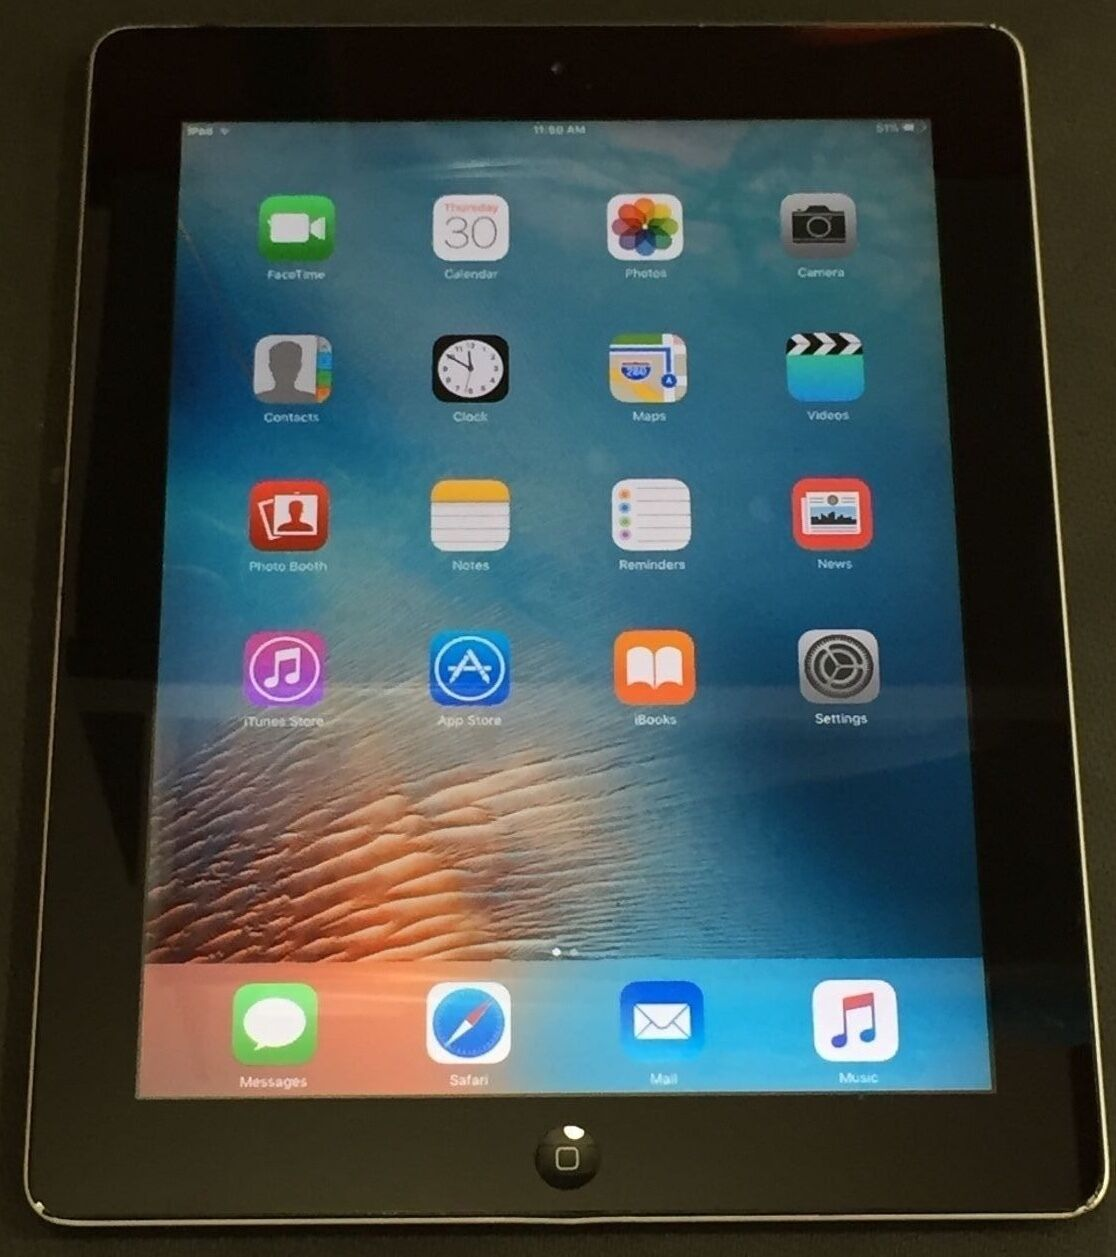 """Ipad 2 - Apple iPad 2 16GB, Wi-Fi, 9.7"""" Black 2nd Generation Tablet"""